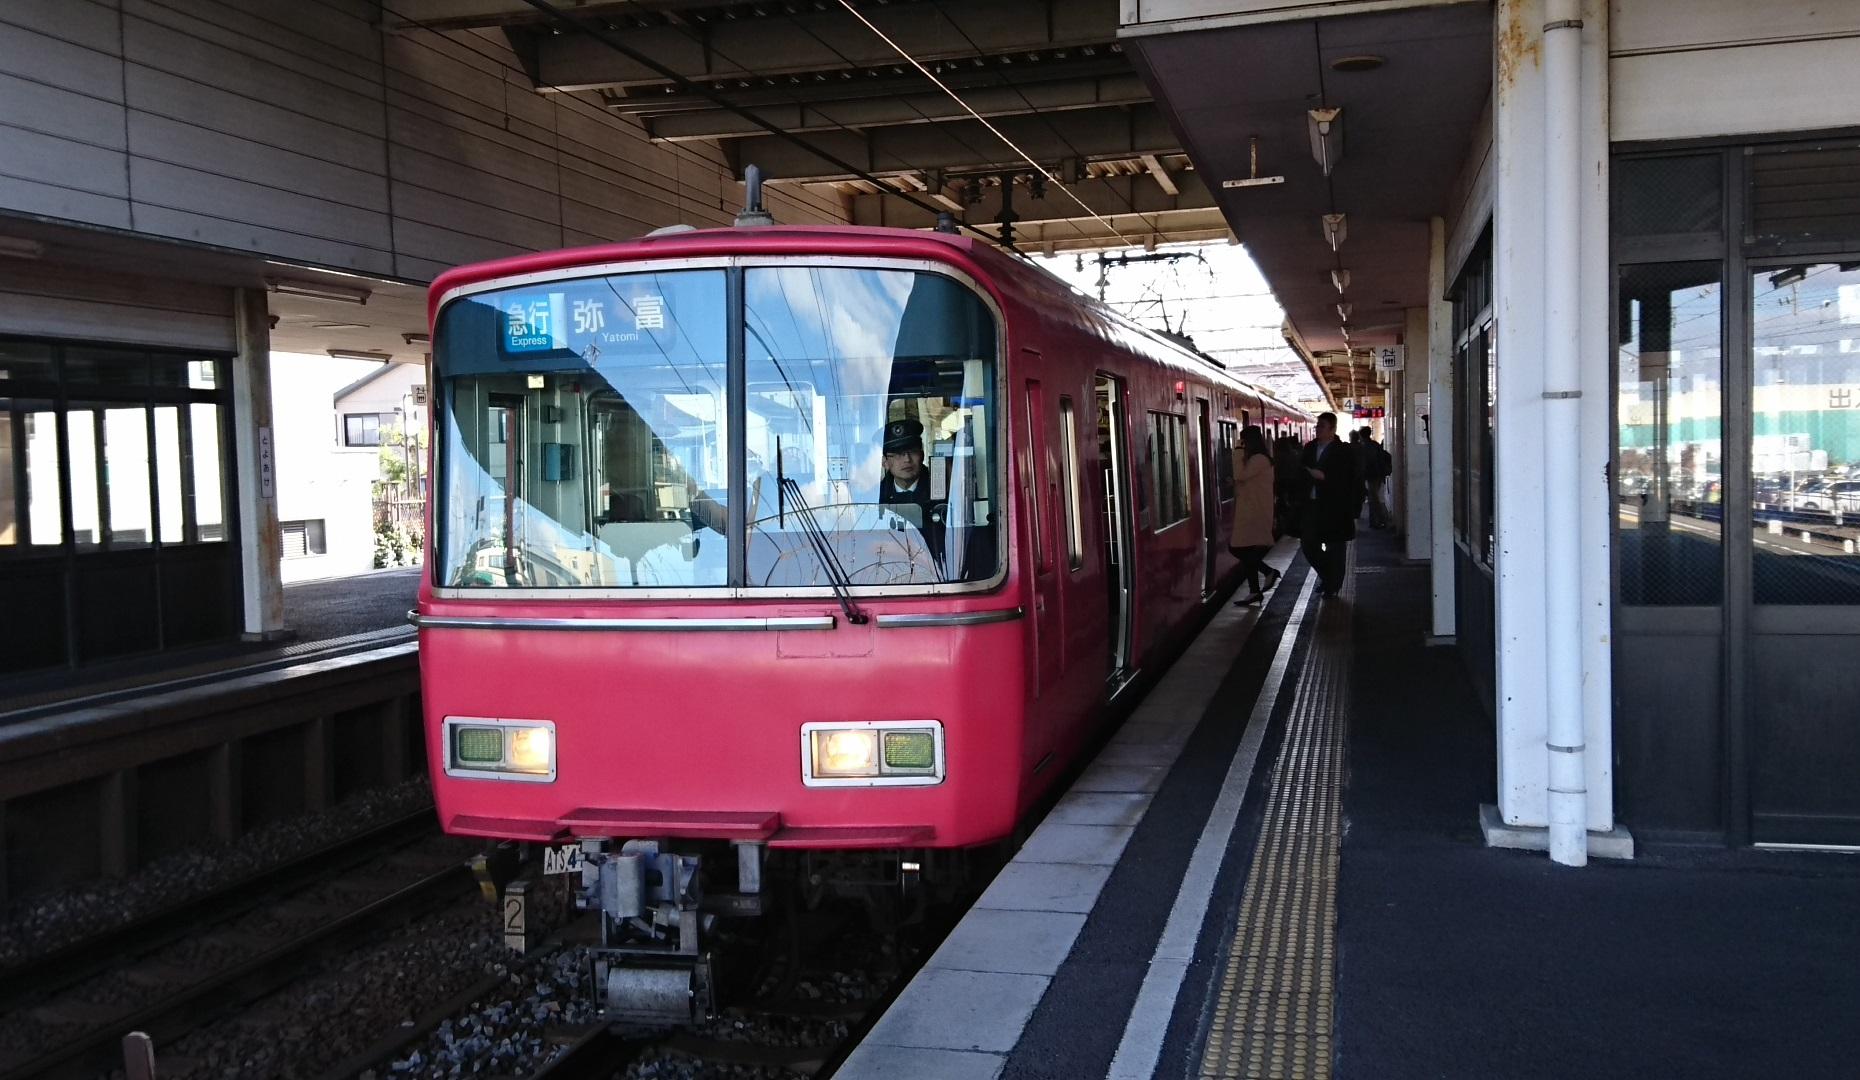 2017.2.2 名鉄 (23) 豊明 - 弥富いき急行 1860-1080